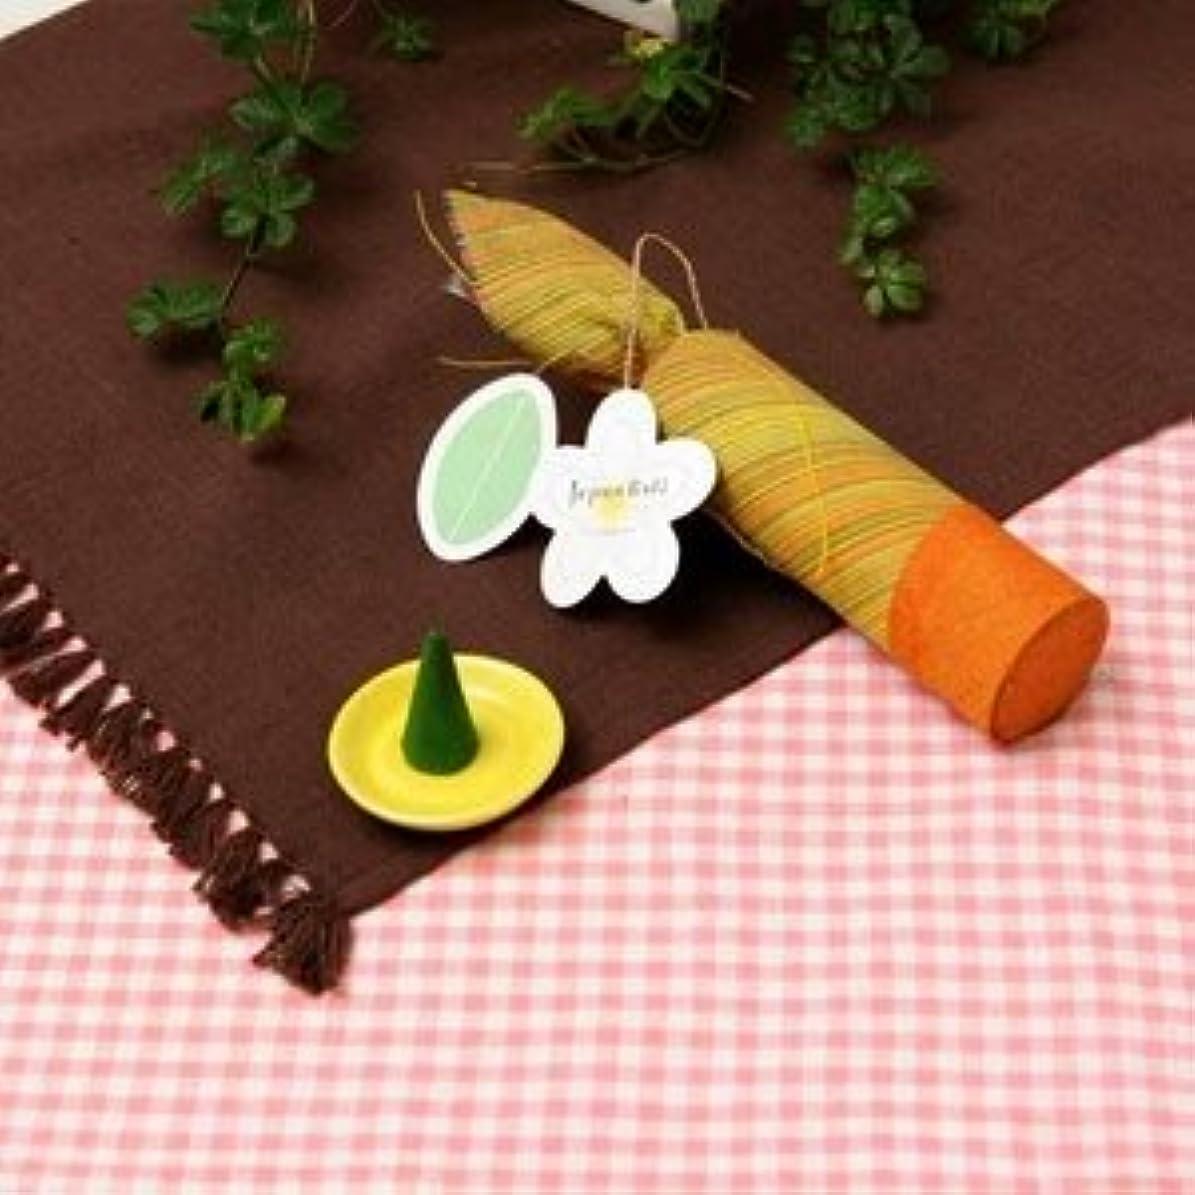 和要塞特許Jupen Bari(ジュプン バリ) フランジパニ(バリの儀式に無くてはならない信仰の花)